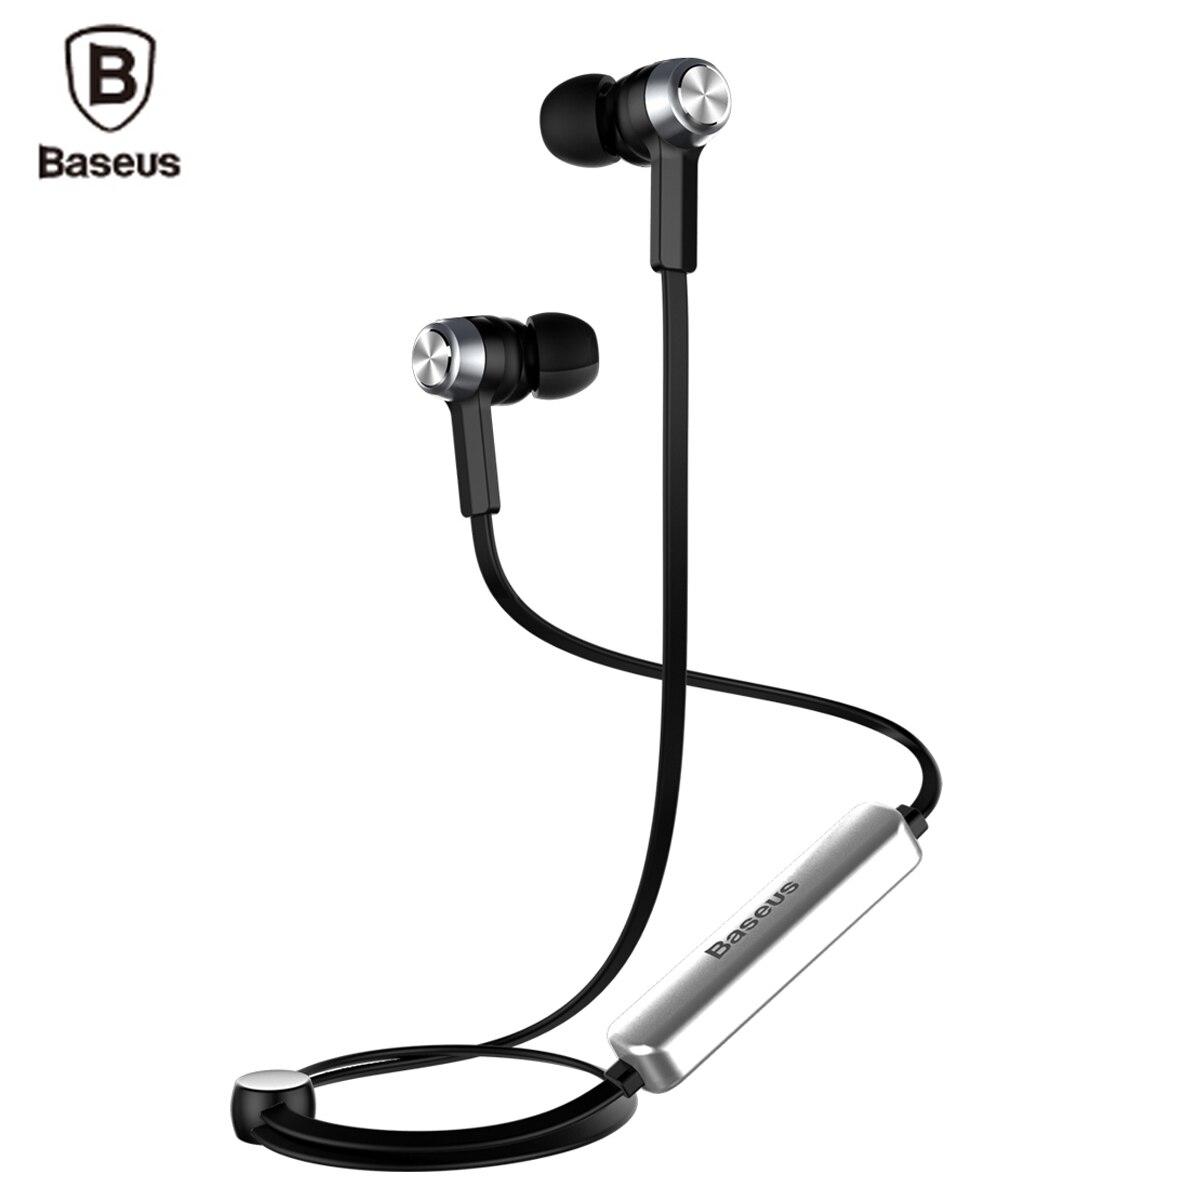 Baseus B11 Sans Fil Bluetooth Écouteurs Sport Casque Casque Fone de ouvido Stéréo Écouteurs Neckband Ecouteur Auriculares